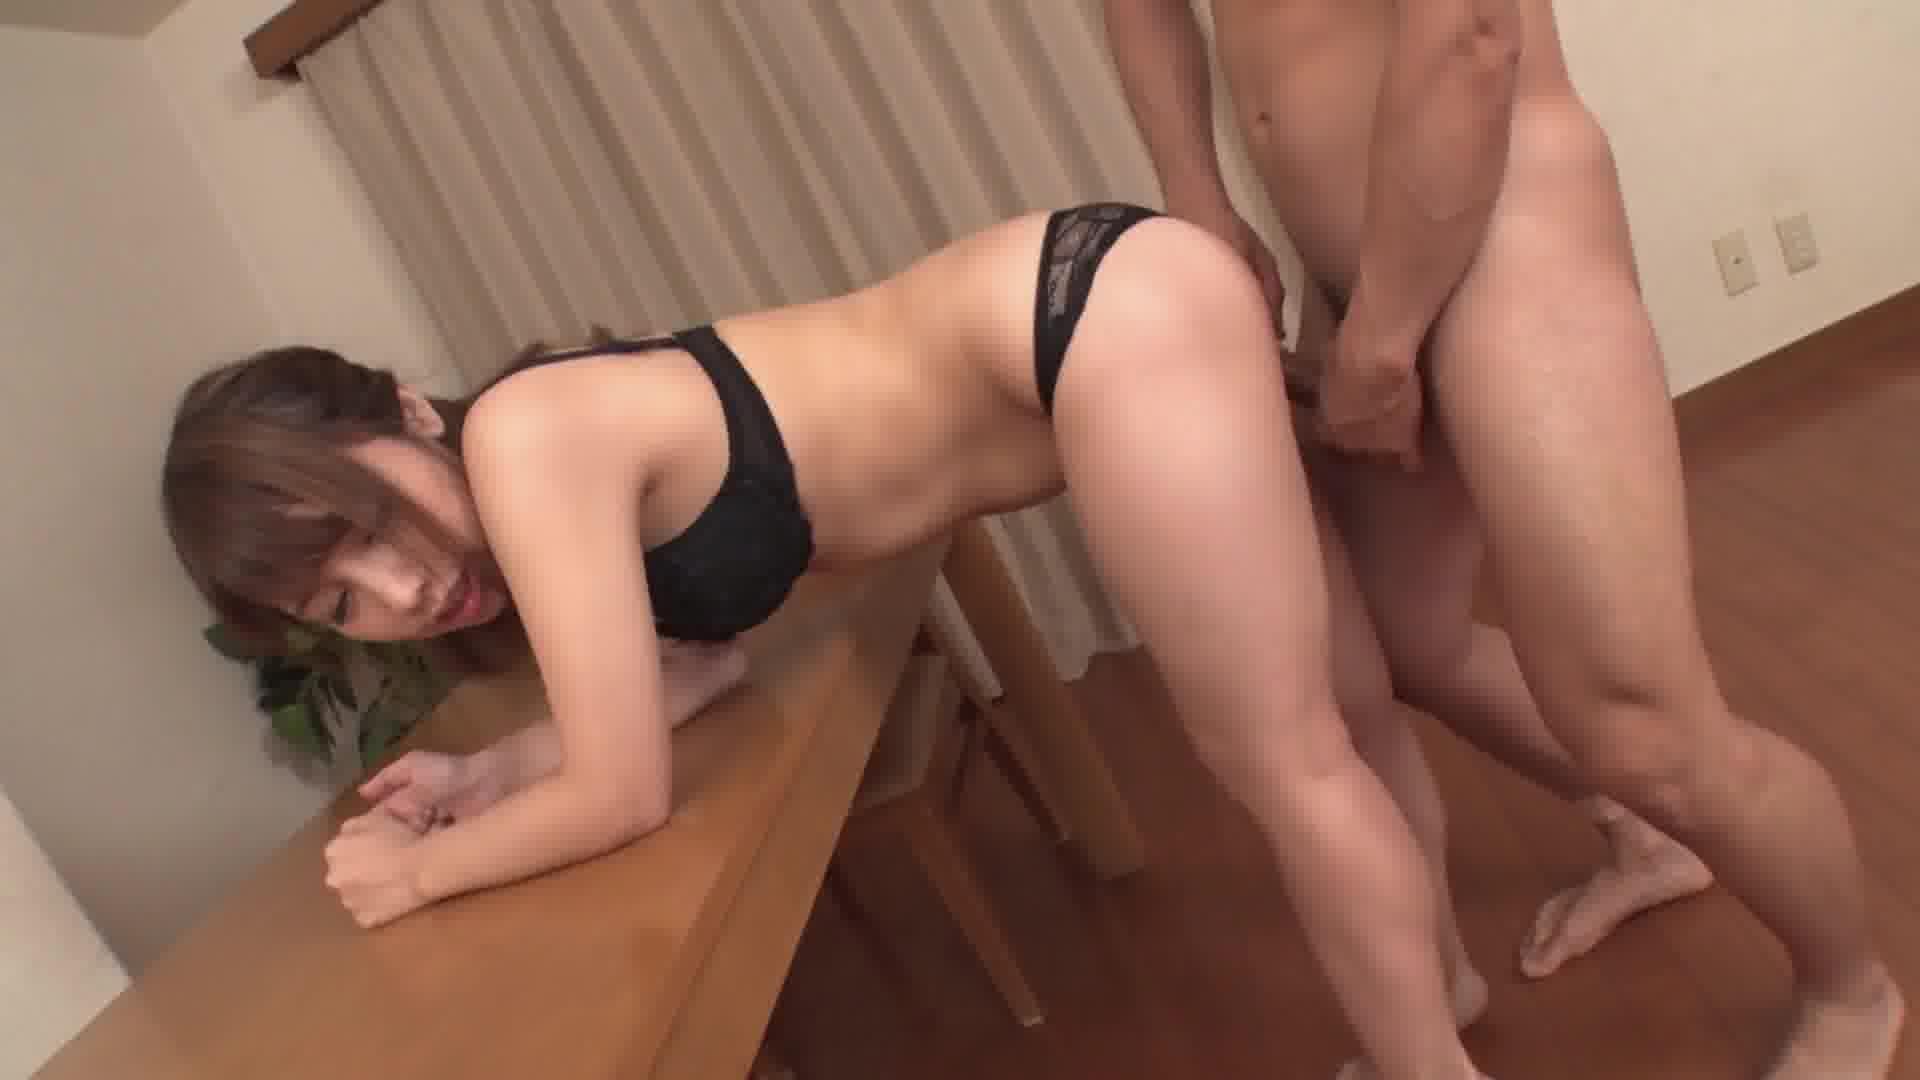 シたくてシたくてたまらない女子 ~即尺からの濃厚中出しセックス~ - 高山ちさと【痴女・パイパン・隠語】